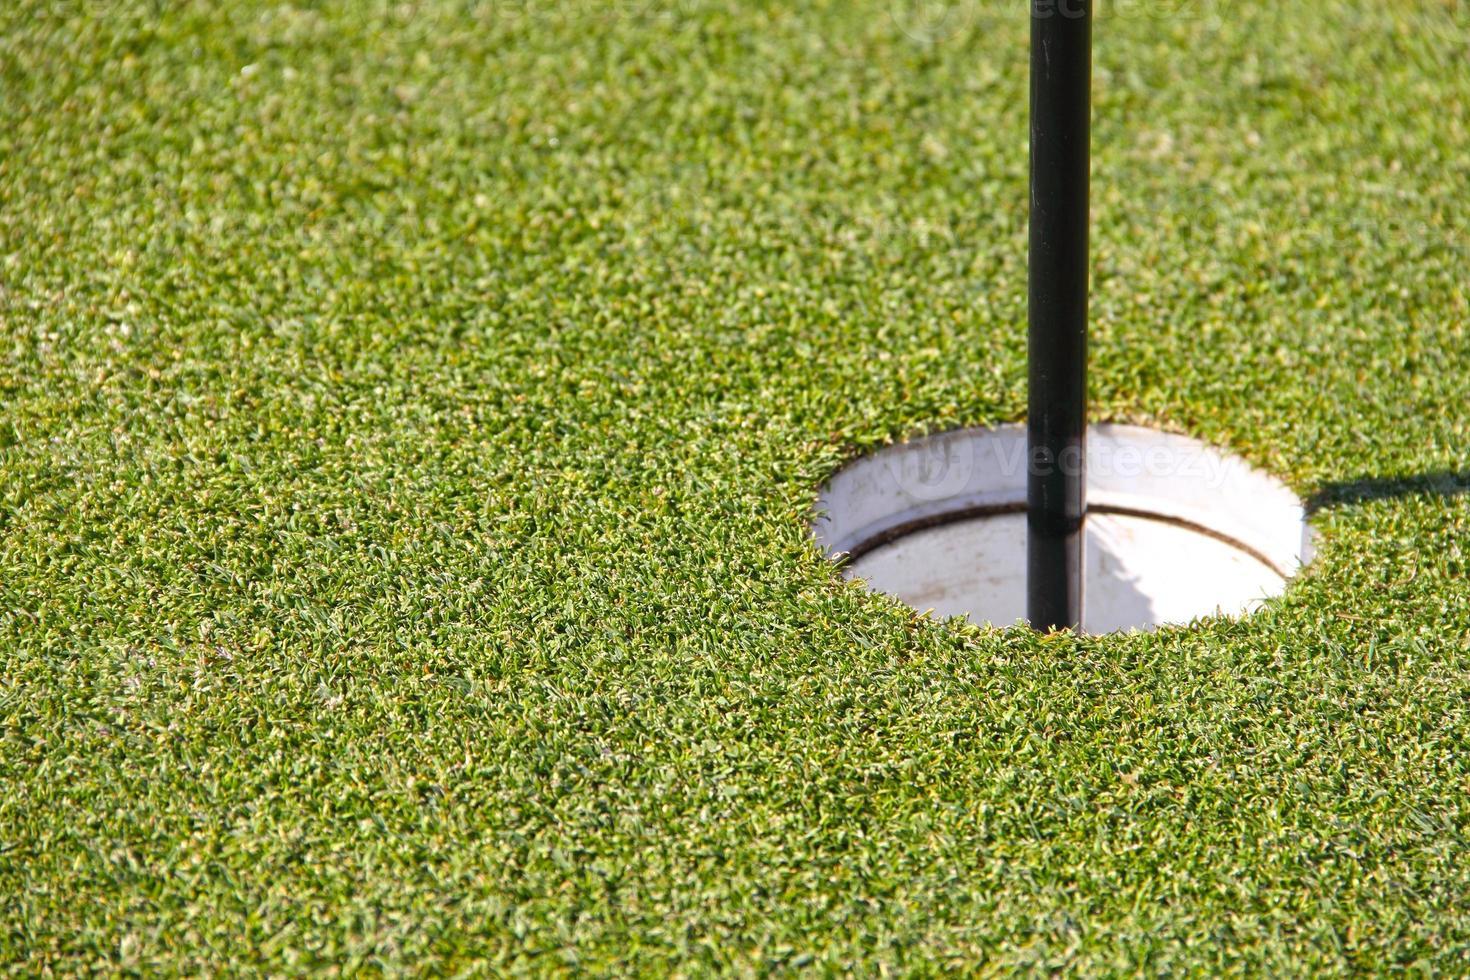 Golfloch und Flagge foto